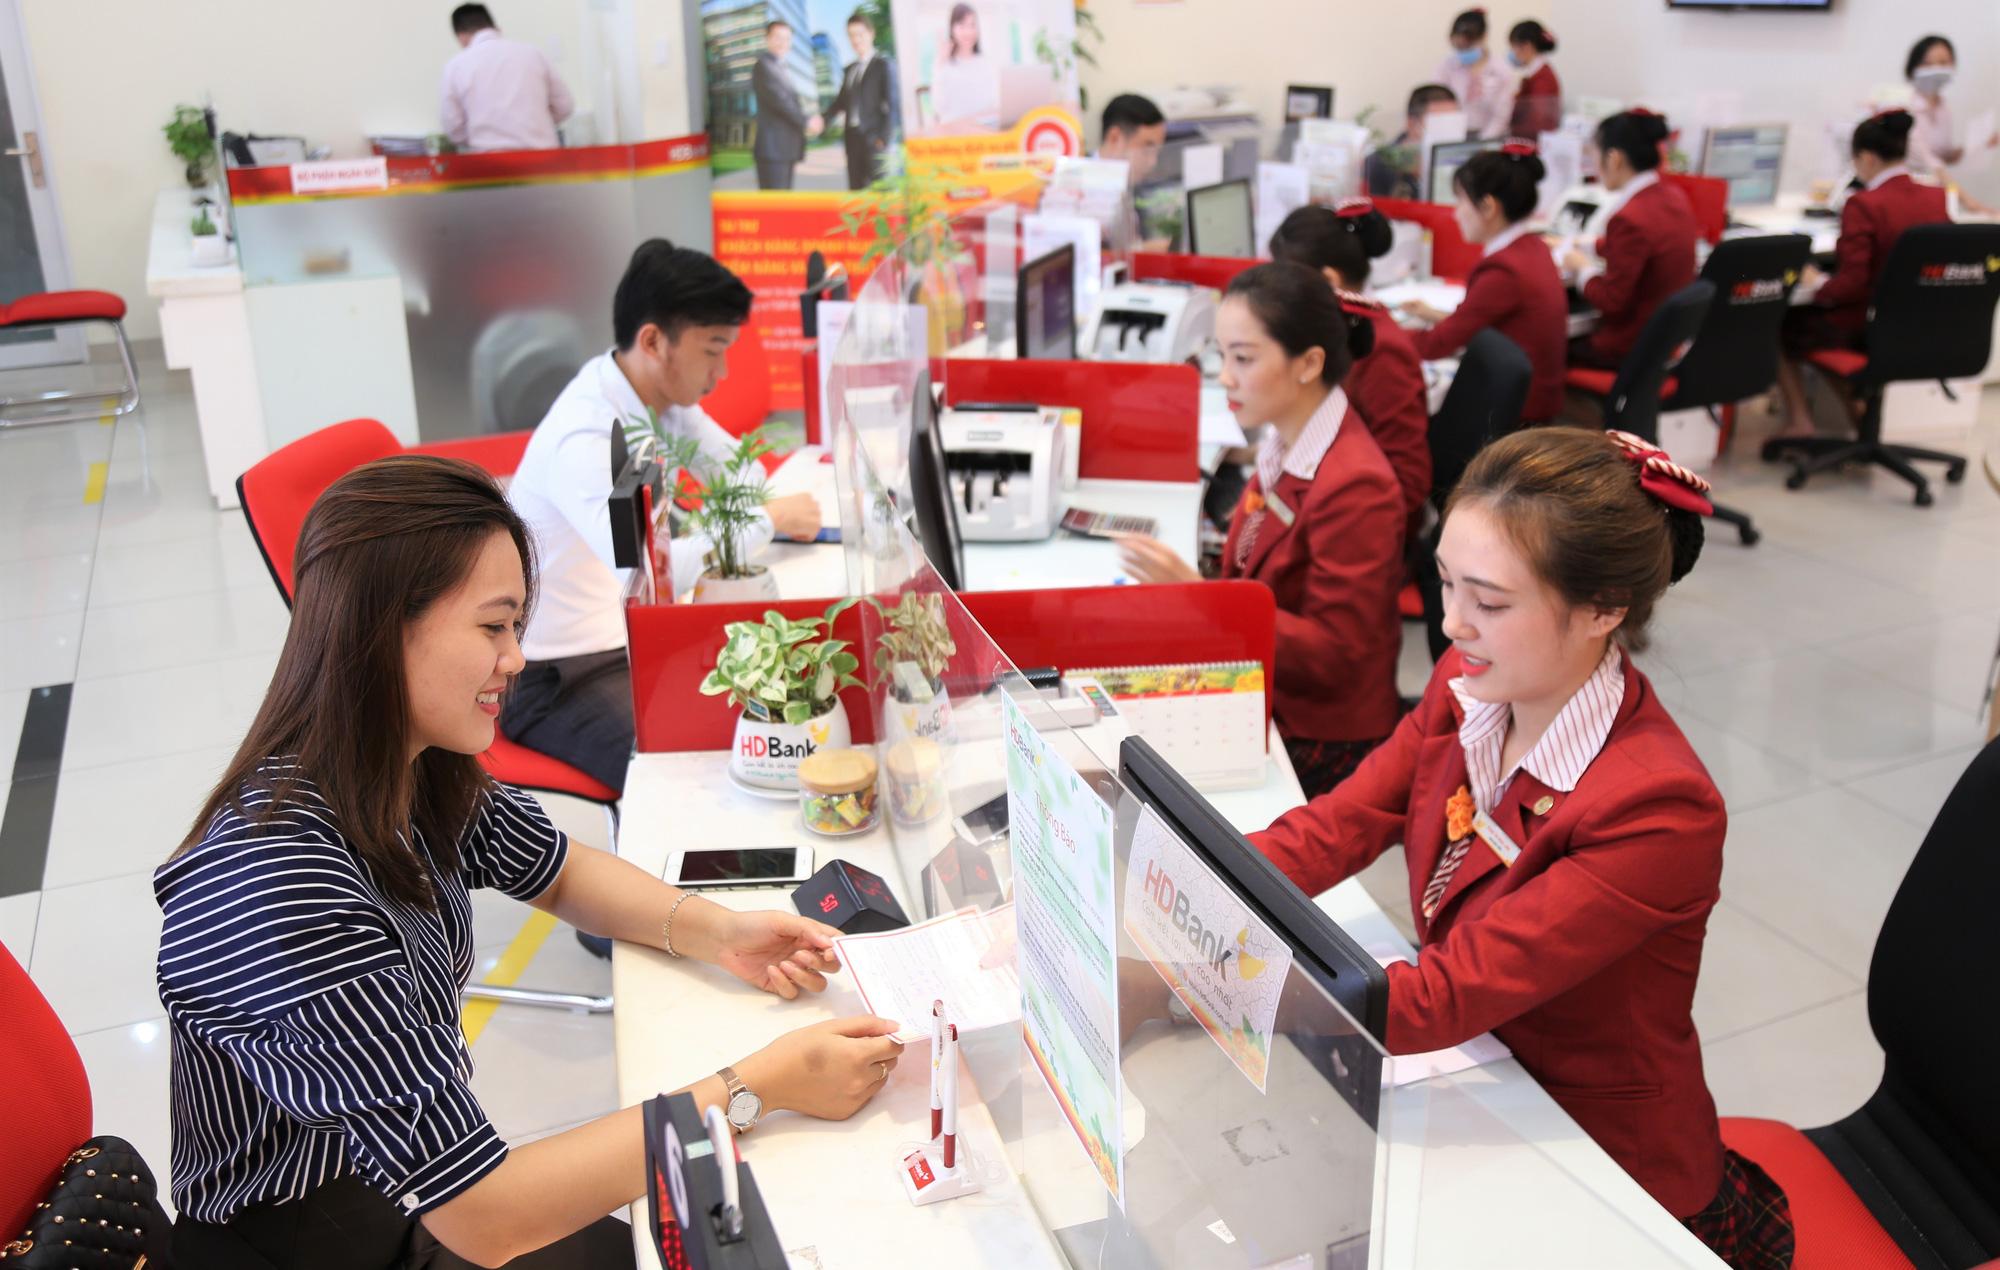 Gửi tiết kiệm ở HDBank nhận lộc tiền tỷ - Ảnh 2.